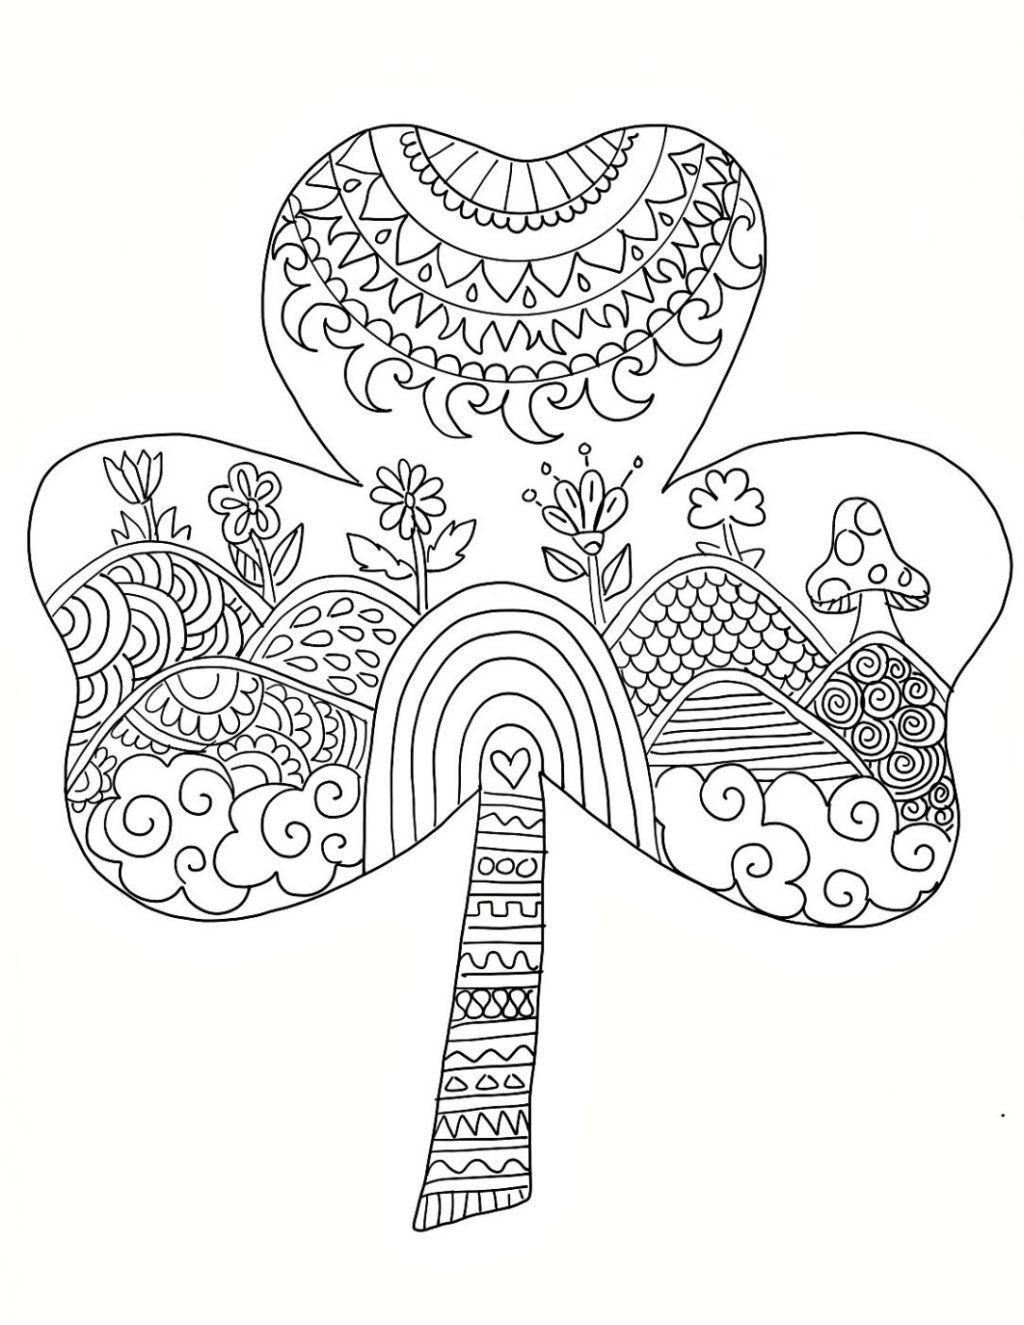 St Patrick Day Coloring Pages Unique Coloring Pages Size St Patricks Day Coloring Pages For St Patricks Coloring Sheets Coloring Pages Pattern Coloring Pages [ 1325 x 1024 Pixel ]